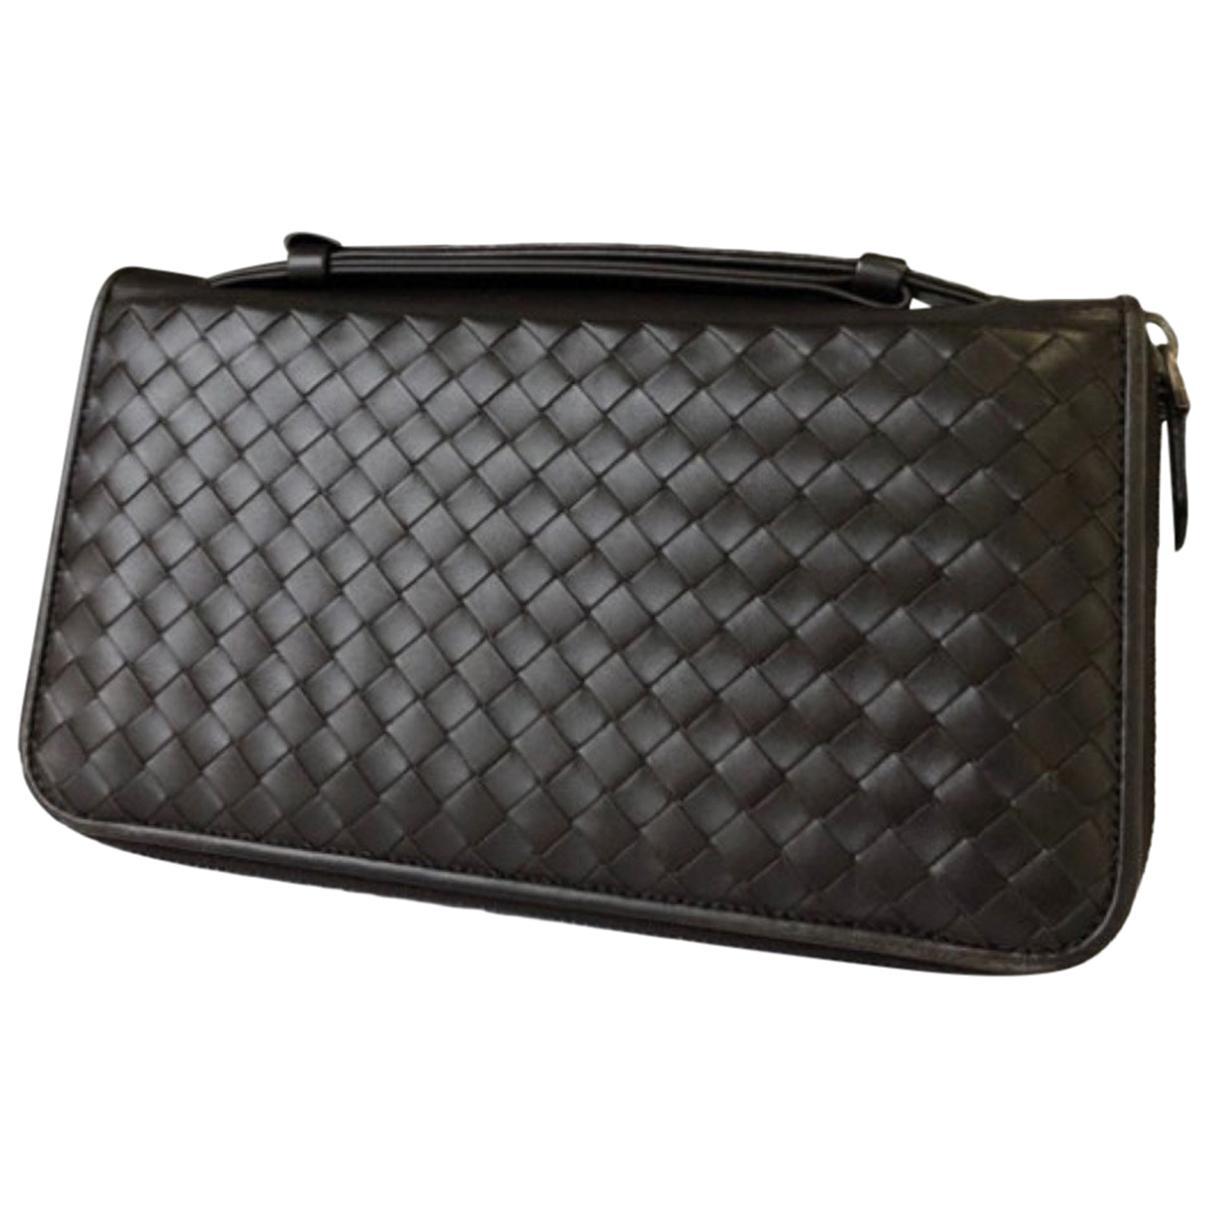 Bottega Veneta \N Leather Small bag, wallet & cases for Men \N